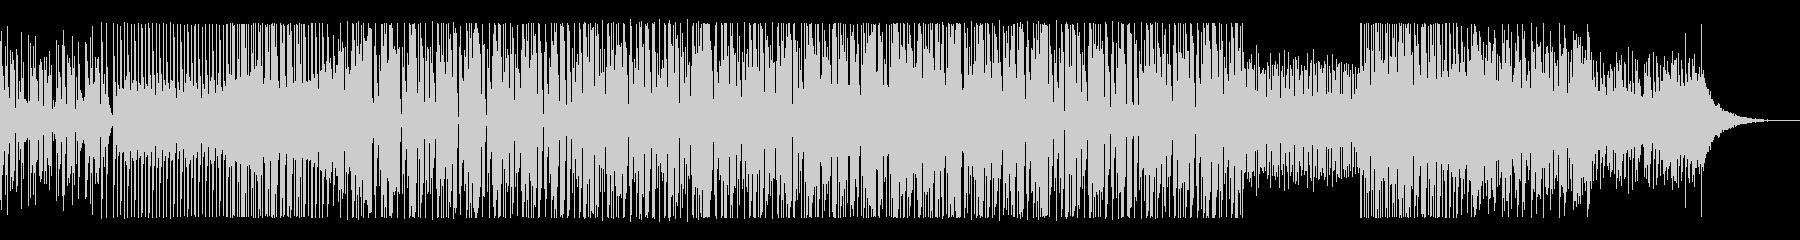 超定番の可愛いほのぼのフューチャーベースの未再生の波形